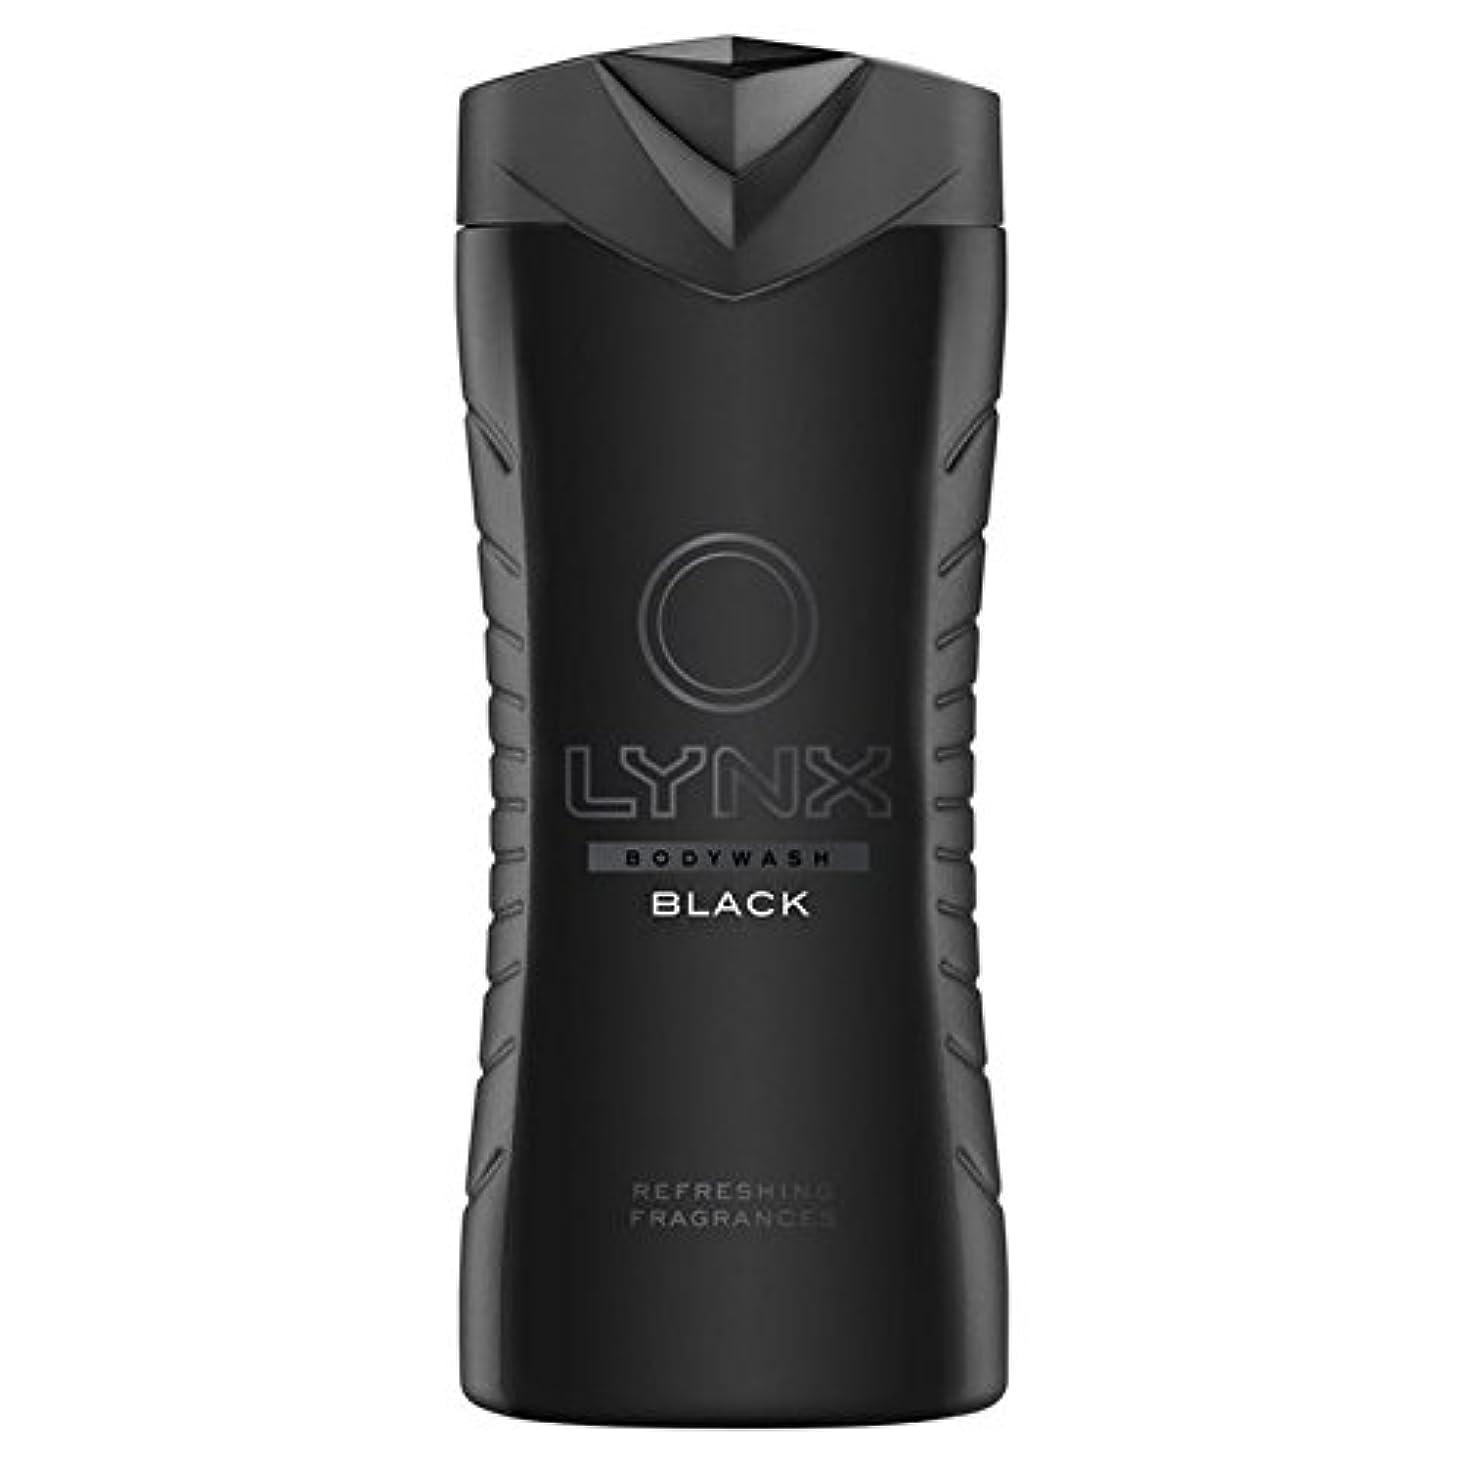 暴露するクリスマス現れるLynx Black Shower Gel 400ml - オオヤマネコブラックシャワージェル400ミリリットル [並行輸入品]